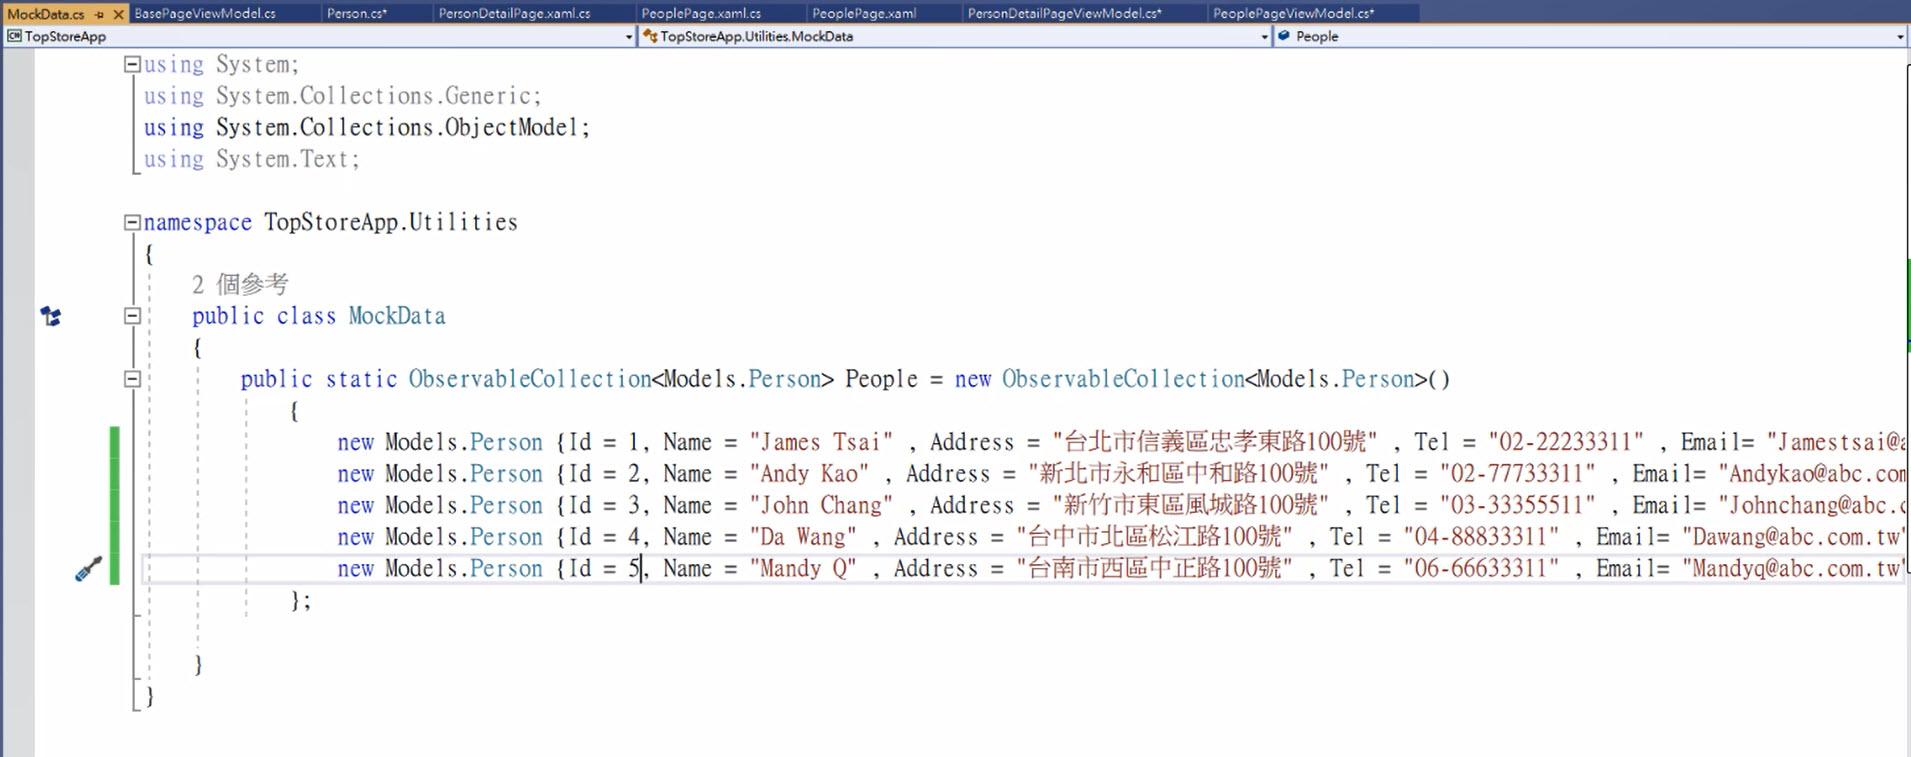 傳遞資料到 PersonDetailPage 的處理 2